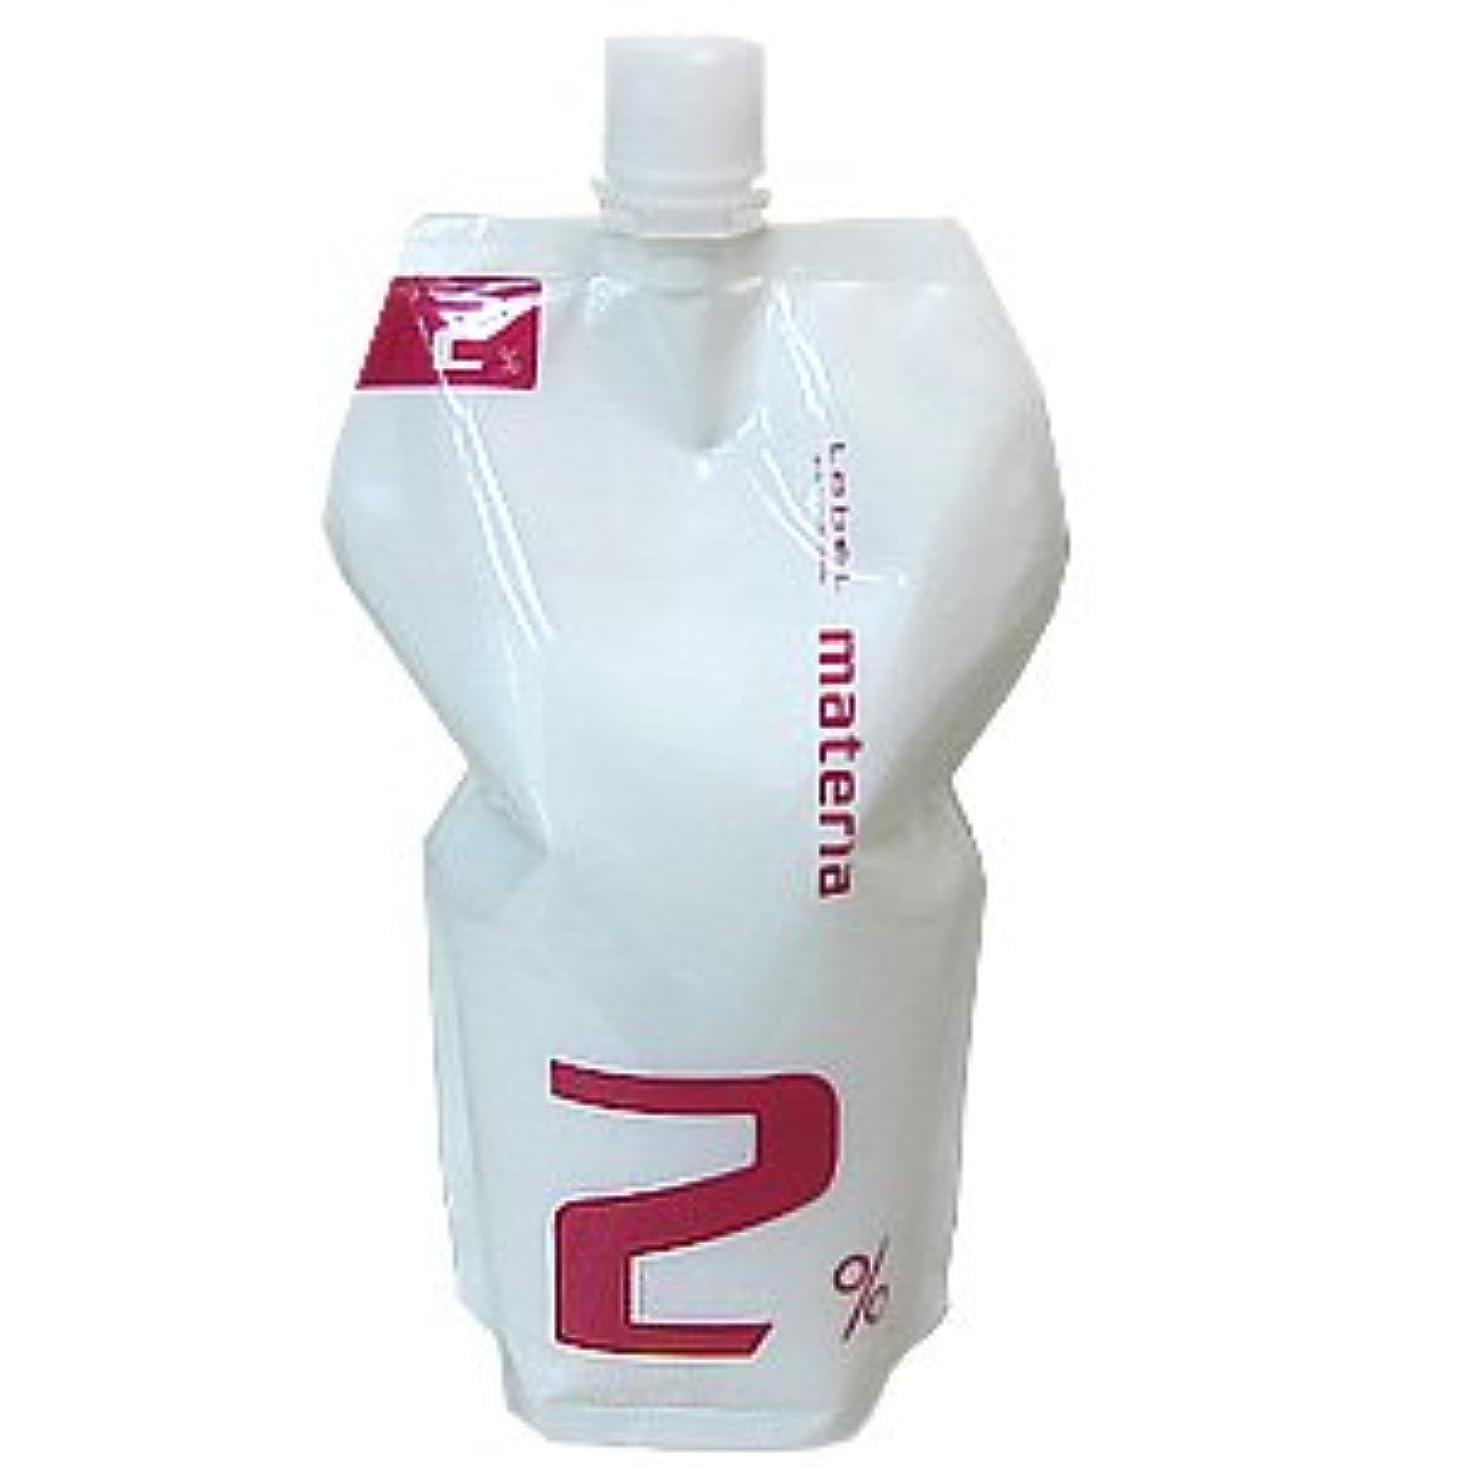 ルベル マテリア オキシ 1000ml (マテリアシリーズ 共通ヘアカラー2剤) 2%